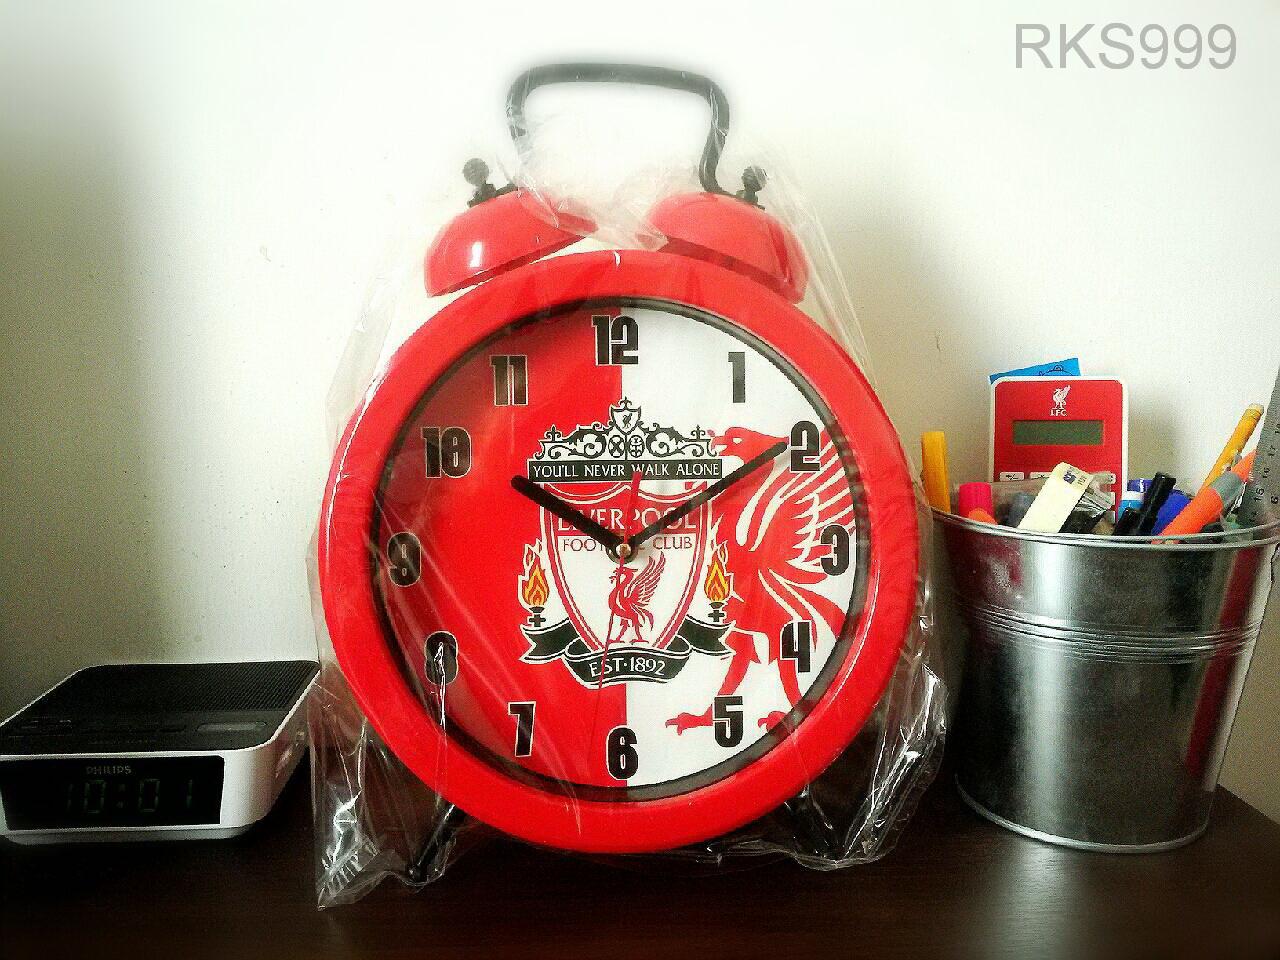 นาฬิกาลิเวอร์พูล ทรงกระดิ่ง แบบที่ 2